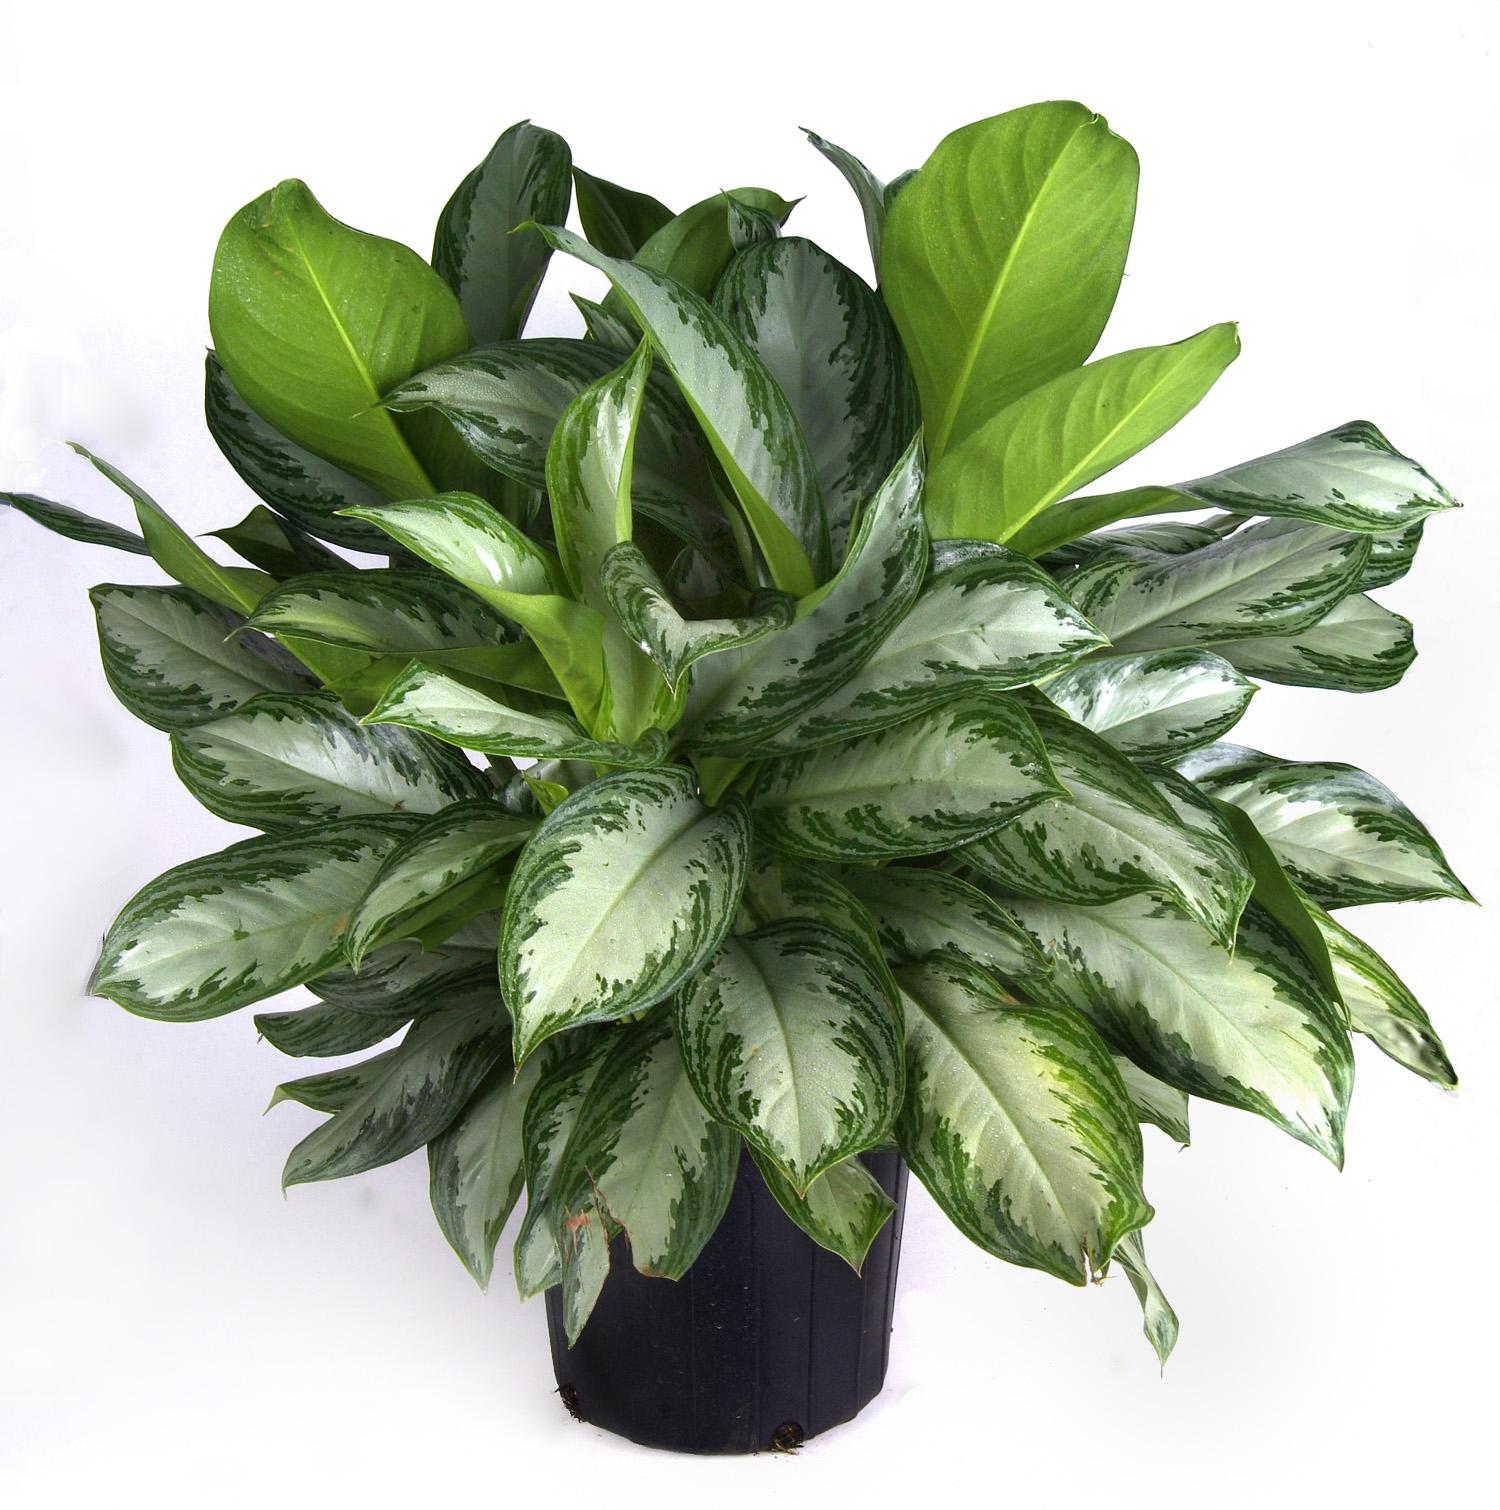 Indoor Houseplants: The Garden Plot: Tips For Bringing Your Houseplants Inside